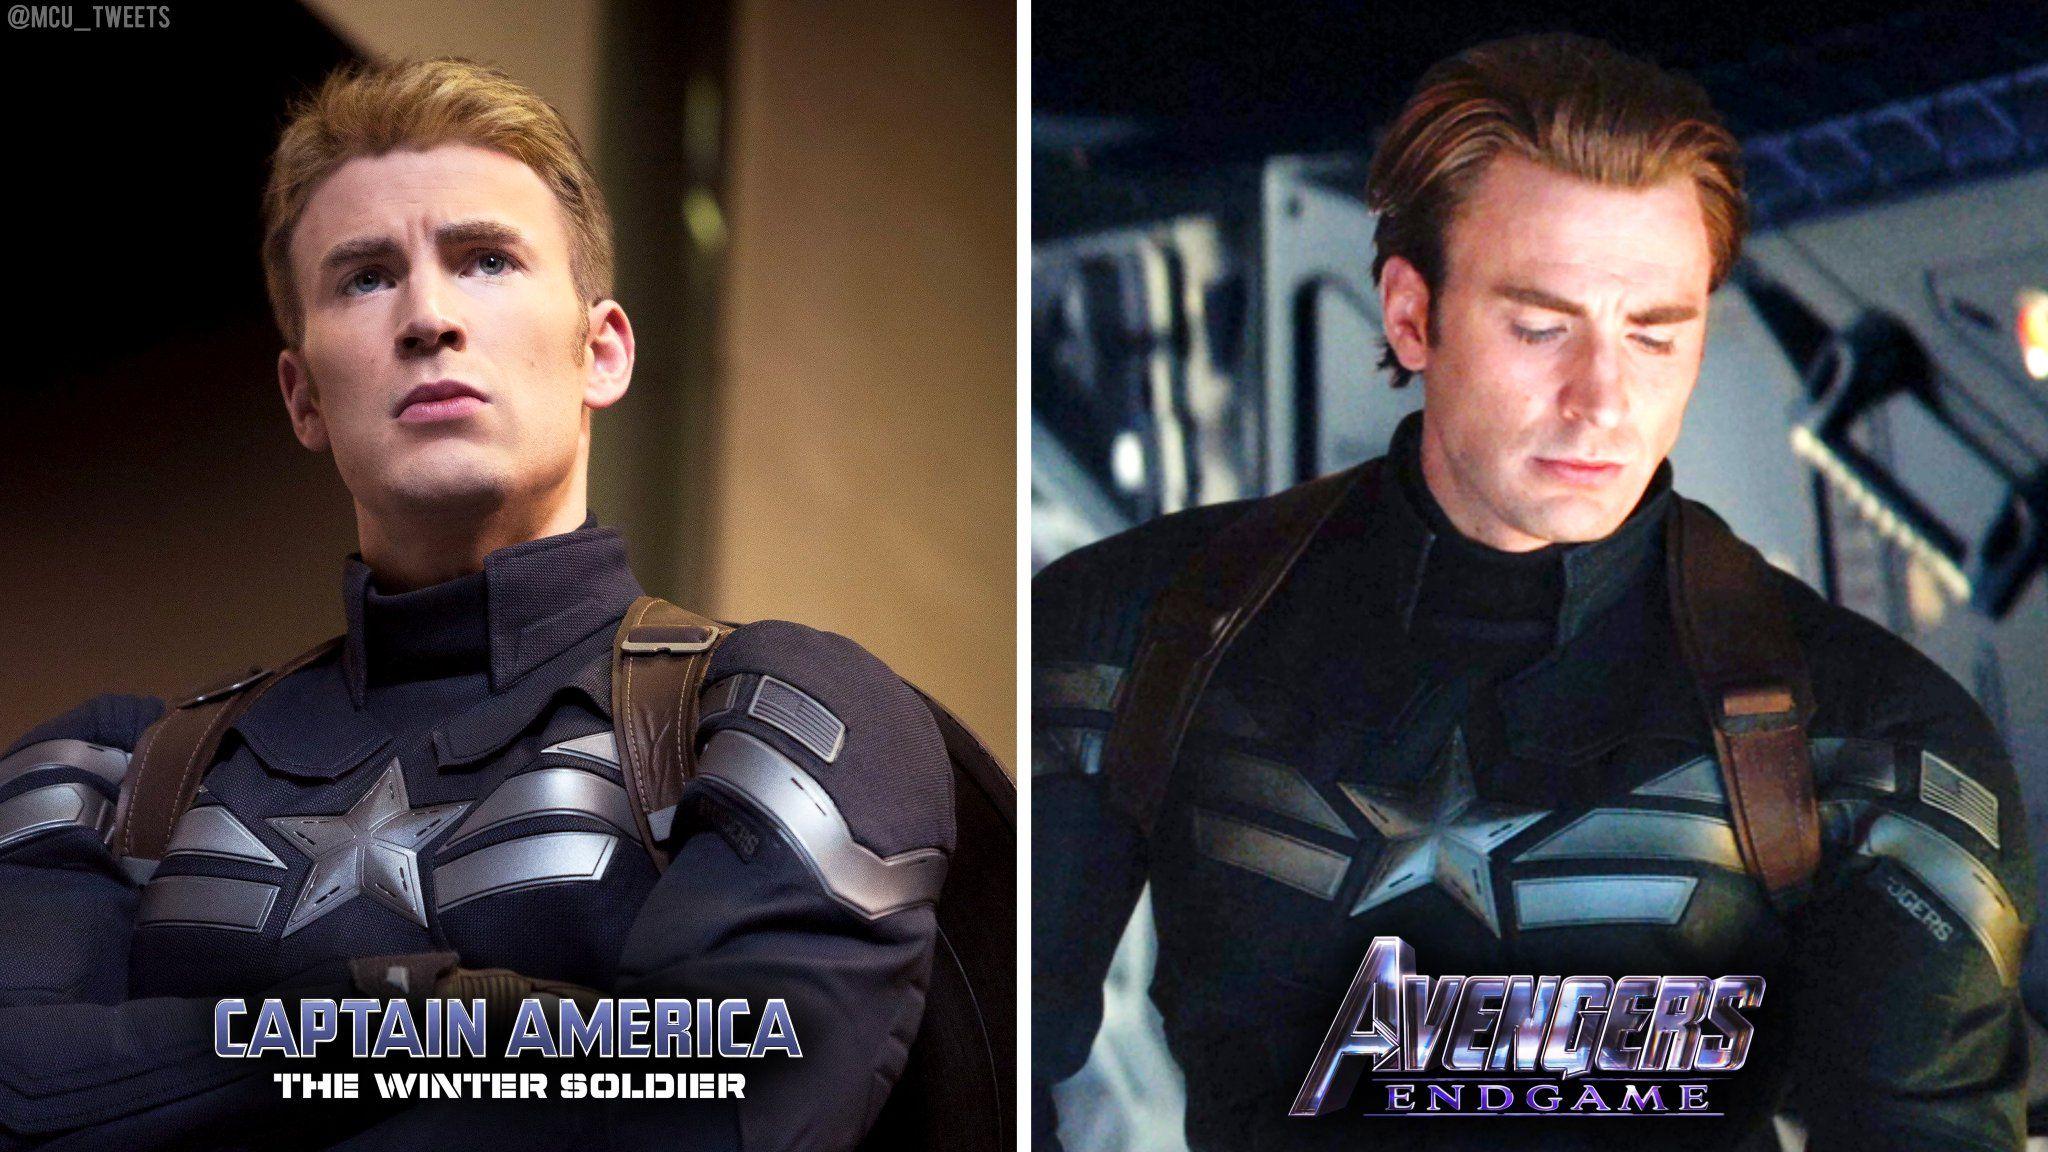 Steve Rogers (Captain America